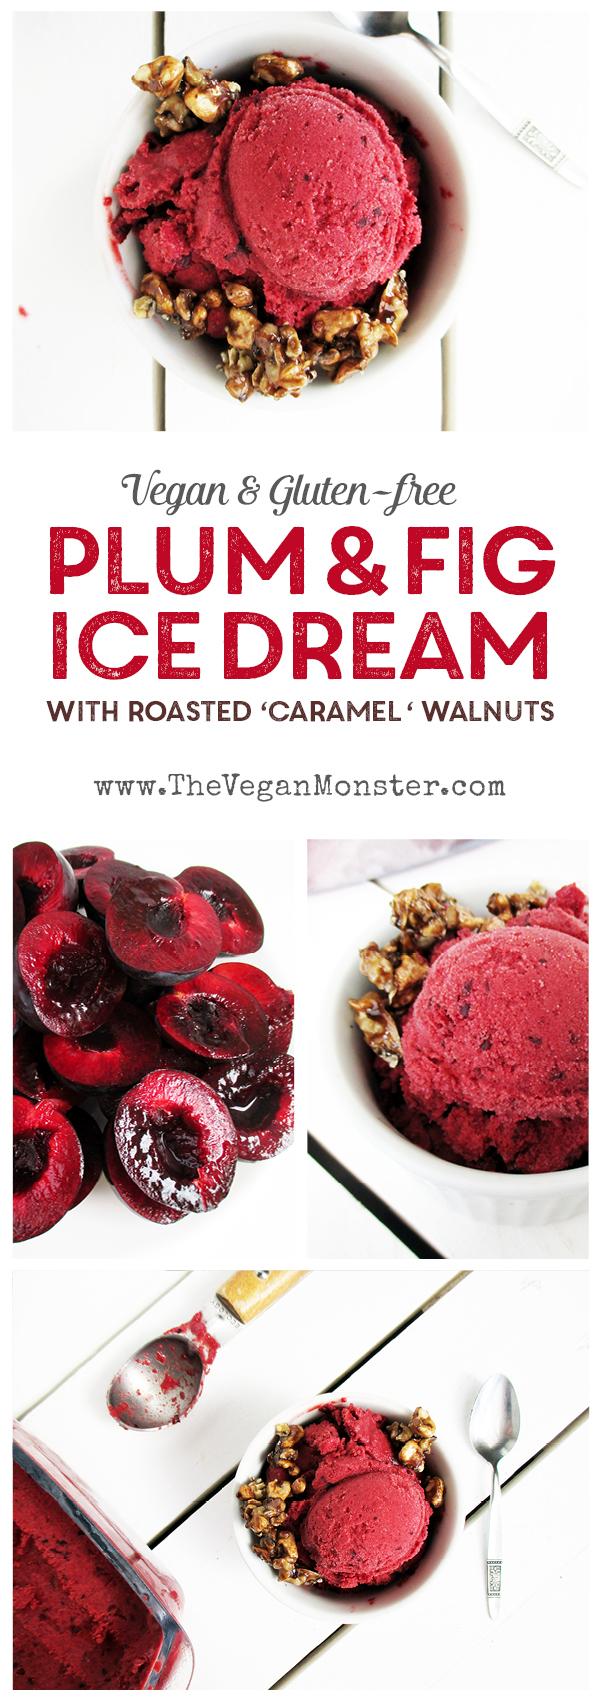 Plum Fig Ice Cream Vegan Gluten-free Refined Sugar Free Recipe